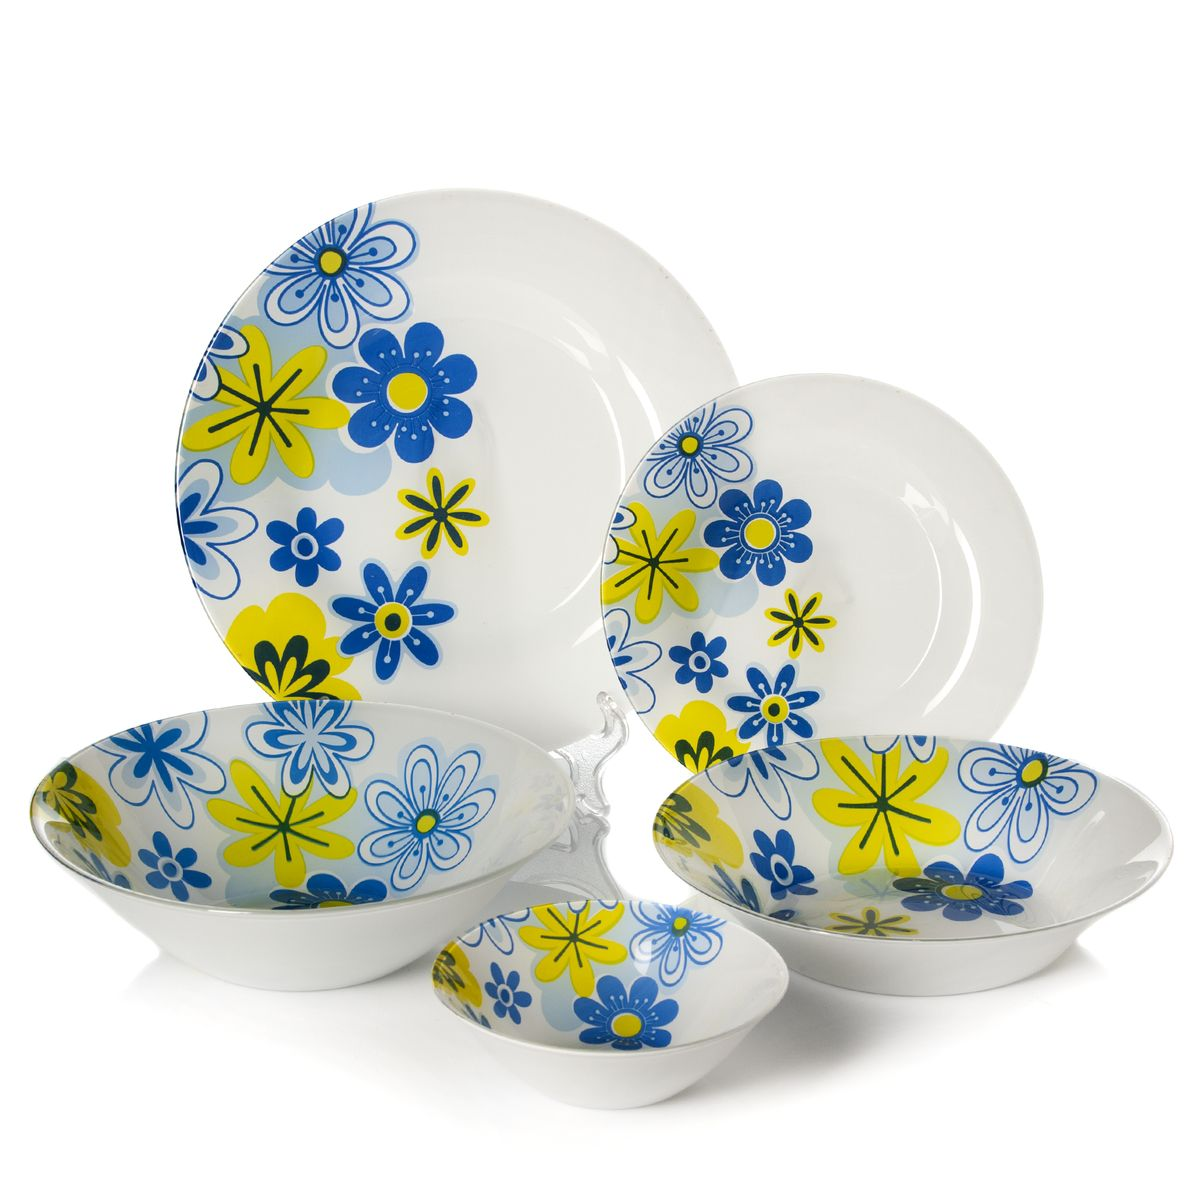 Набор столовый Pasabahce Spring, цвет: белый, голубой, 25 предметов115510Столовый набор Pasabahce Spring состоит из шести суповых тарелок, шести десертных тарелок, шести обеденных тарелок и семи салатников. Предметы набора выполнены из натрий-кальций-силикатного стекла, благодаря чему посуда будет использоваться очень долго, при этом сохраняя свой внешний вид. Предметы набора имеют повышенную термостойкость. Набор создаст отличное настроение во время обеда, будет уместен на любой кухне и понравится каждой хозяйке. Красочное оформление предметов набора придает ему оригинальность и торжественность. Практичный и современный дизайн делает набор довольно простым и удобным в эксплуатации.Предметы набора можно мыть в посудомоечной машине.Диаметр суповой тарелки: 22 см.Высота стенок суповой тарелки: 5 см.Диаметр обеденной тарелки: 26 см.Диаметр десертной тарелки: 19,5 см.Диаметр большого салатника: 23 см.Высота стенок большого салатника: 7 см.Диаметр салатника: 14 см.Высота стенок салатника: 4,5 см.